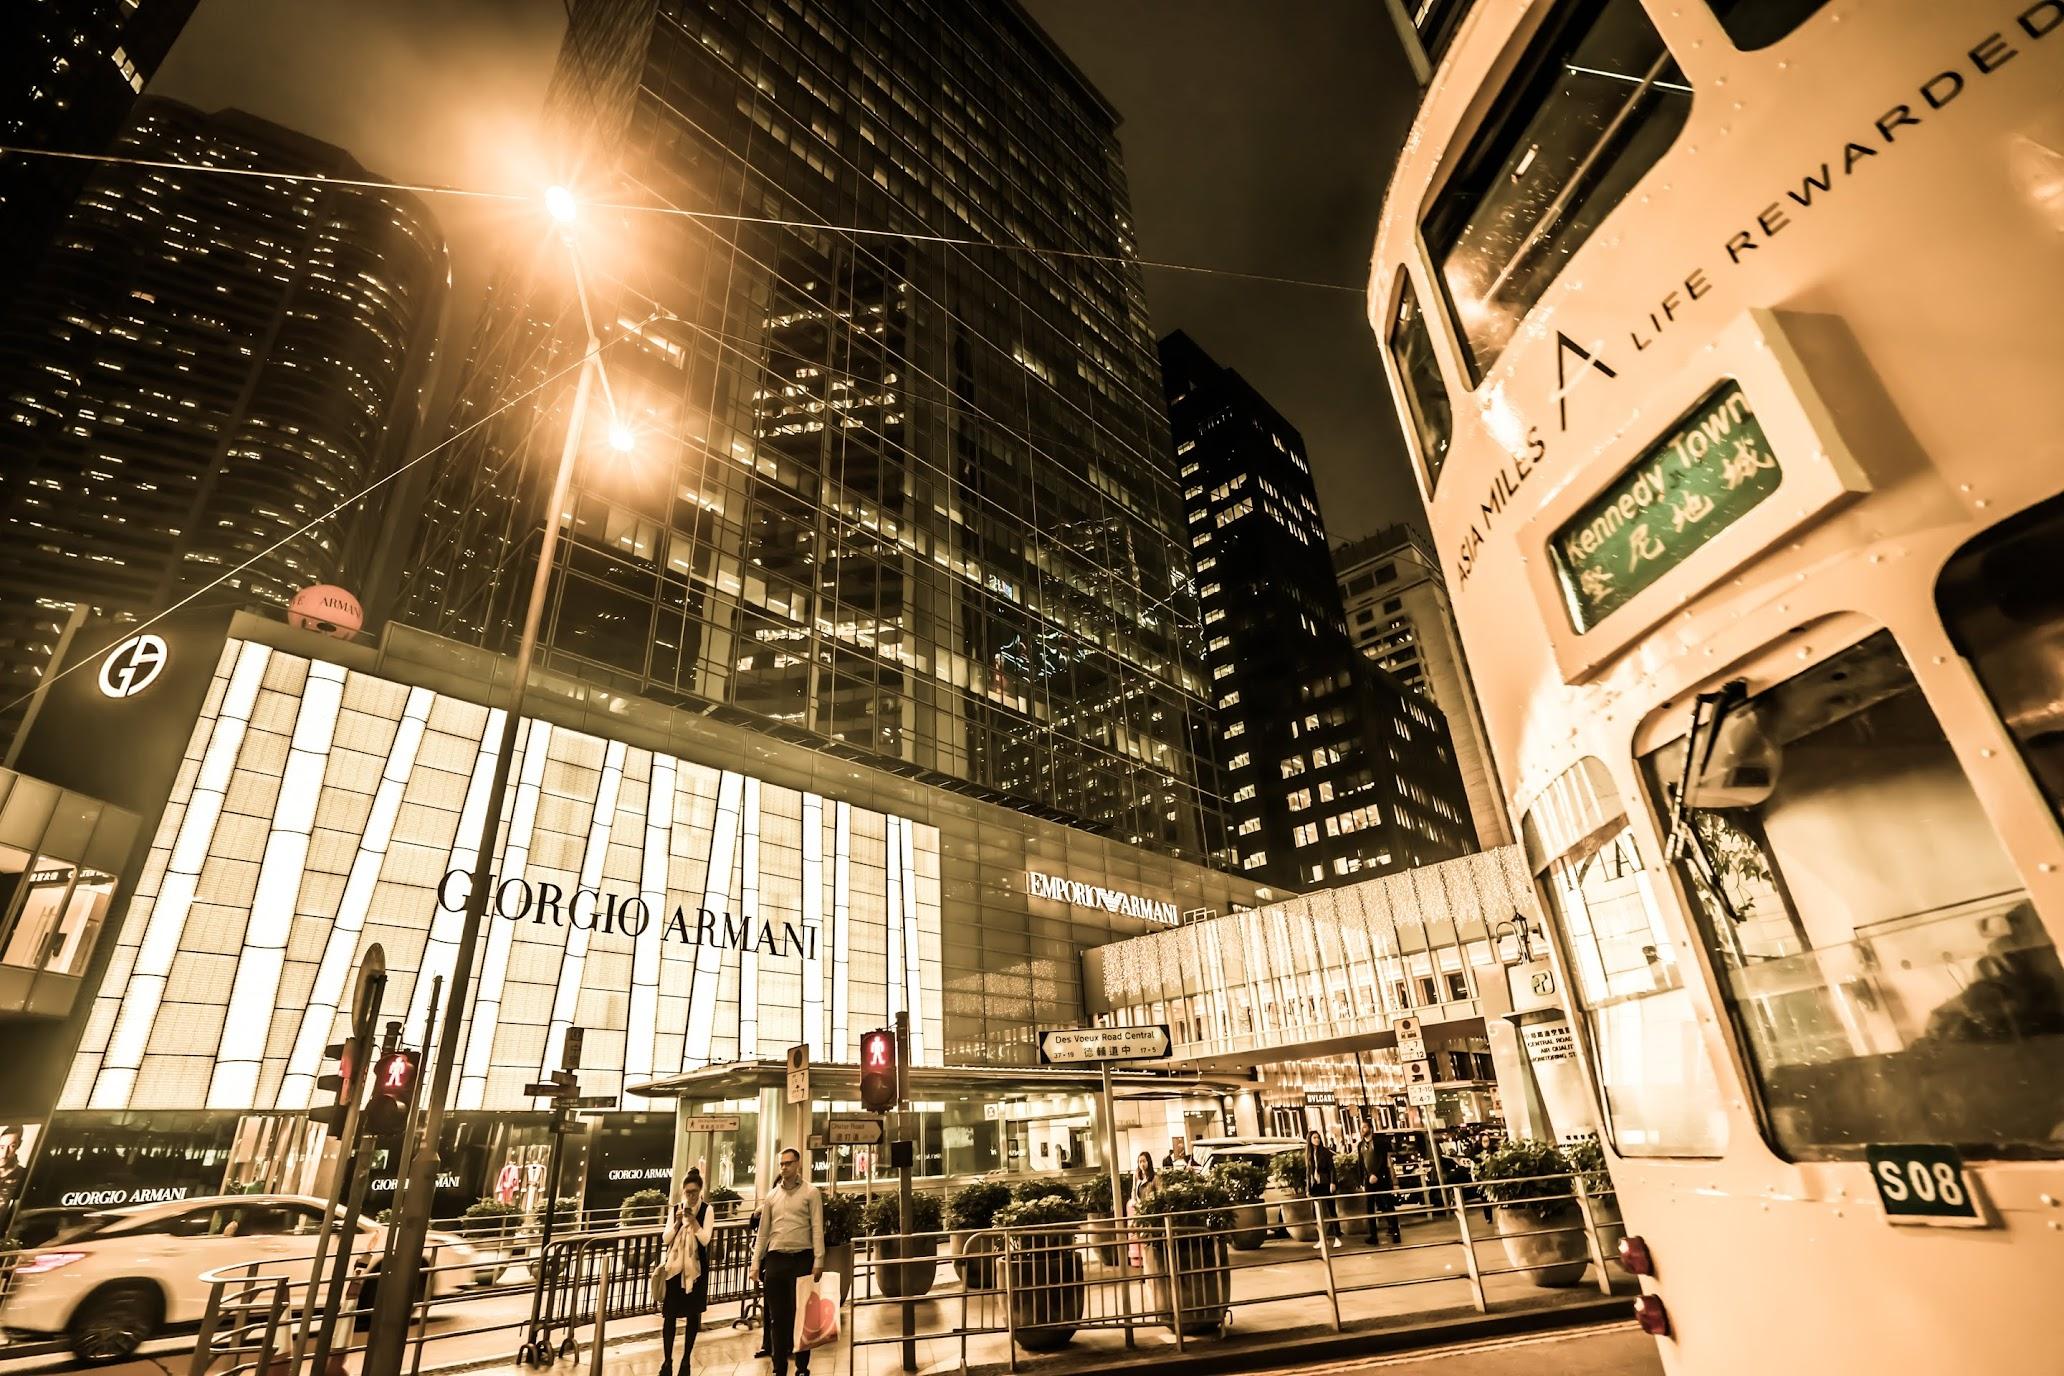 Hong Kong tram Night view